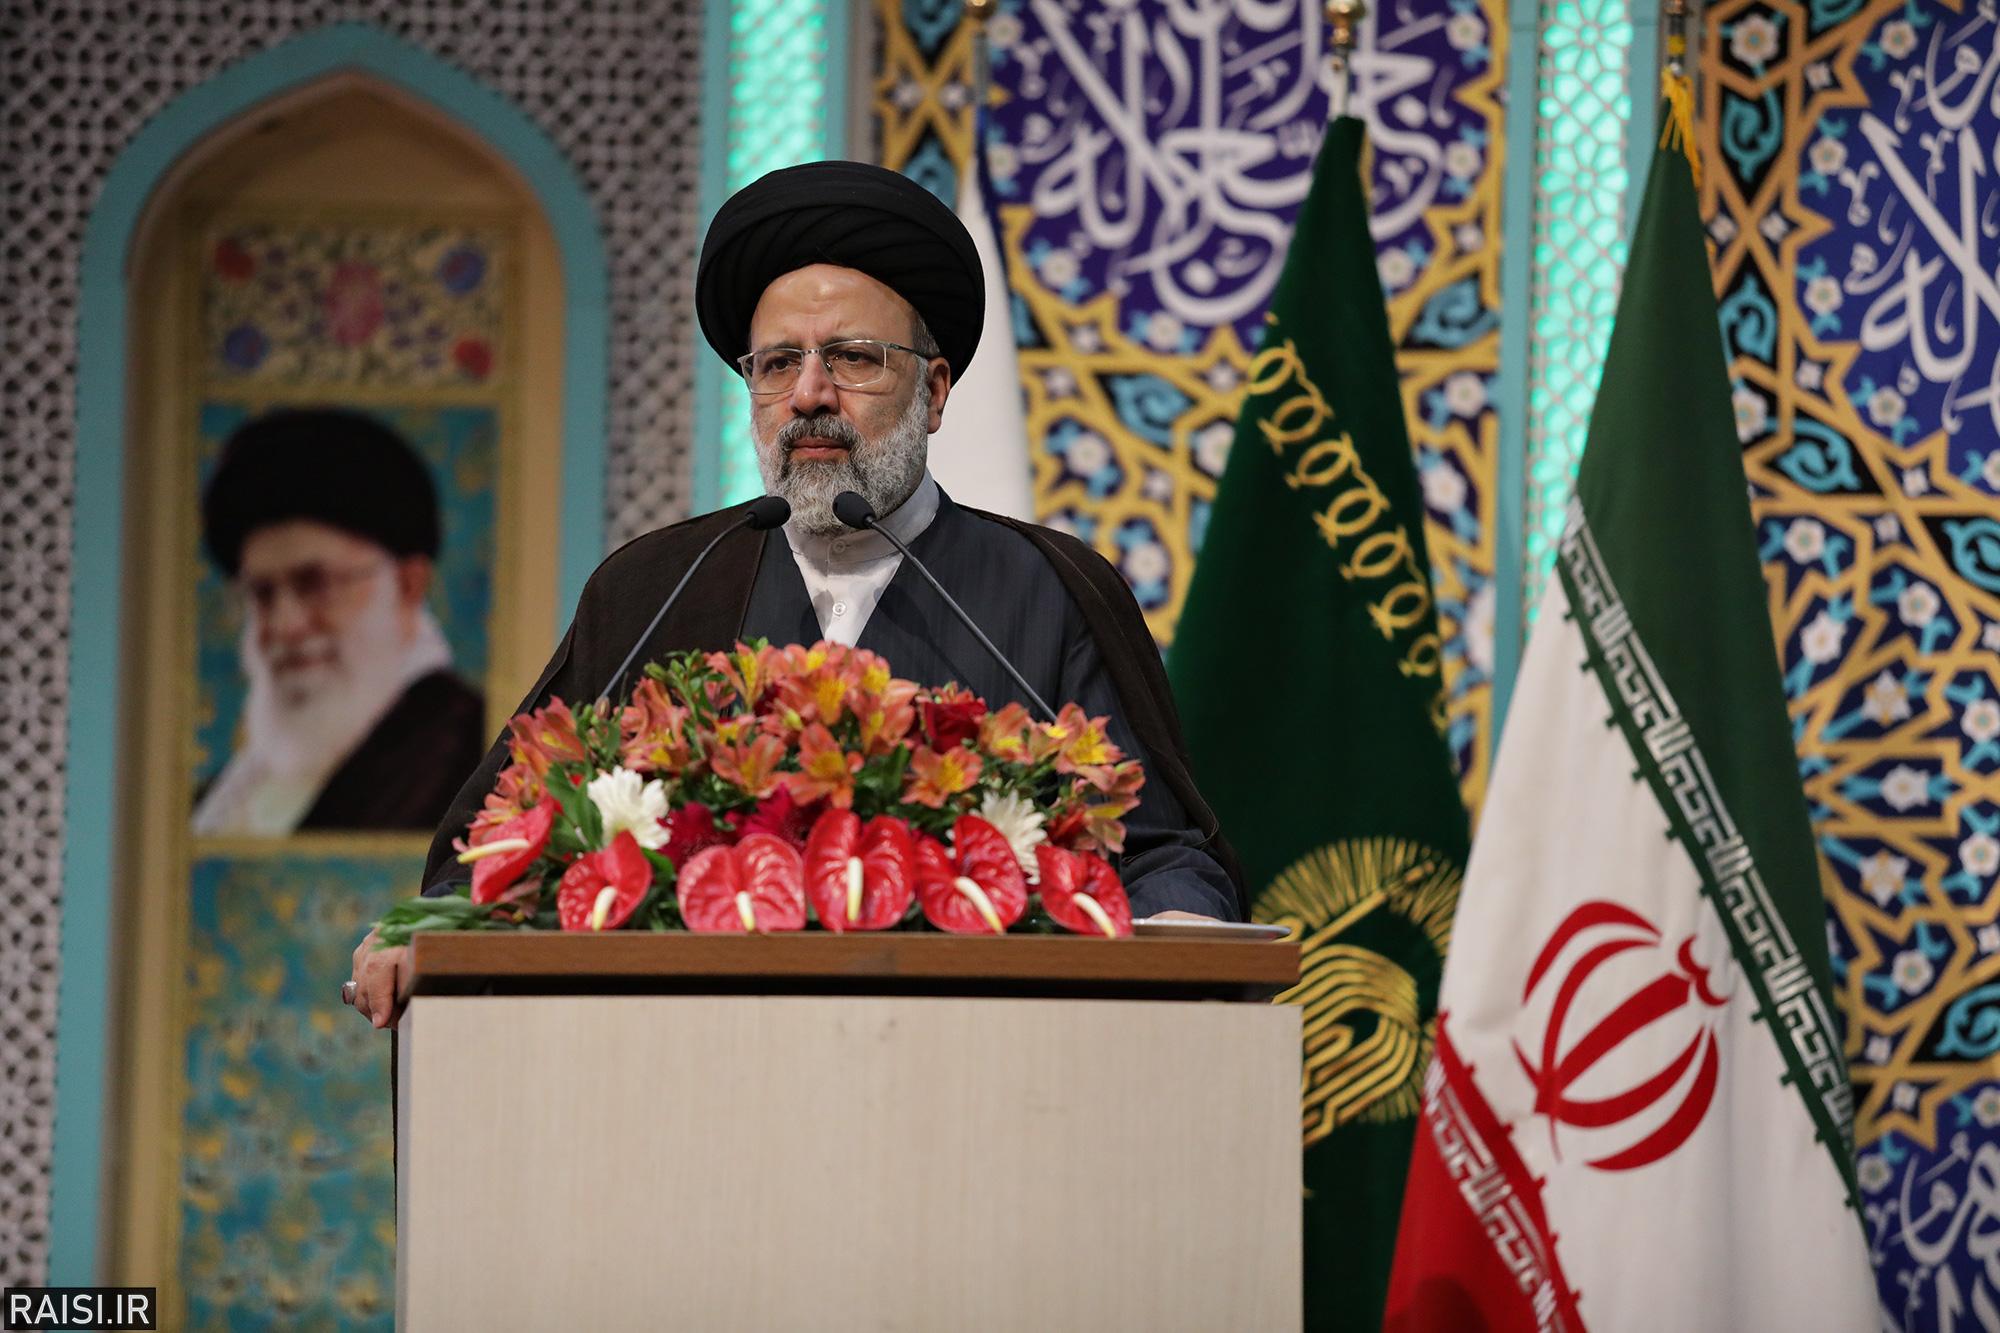 گزارش تصویری سخنرانی تولیت آستان قدس در جمع خادمیاران رضوی استان اصفهان